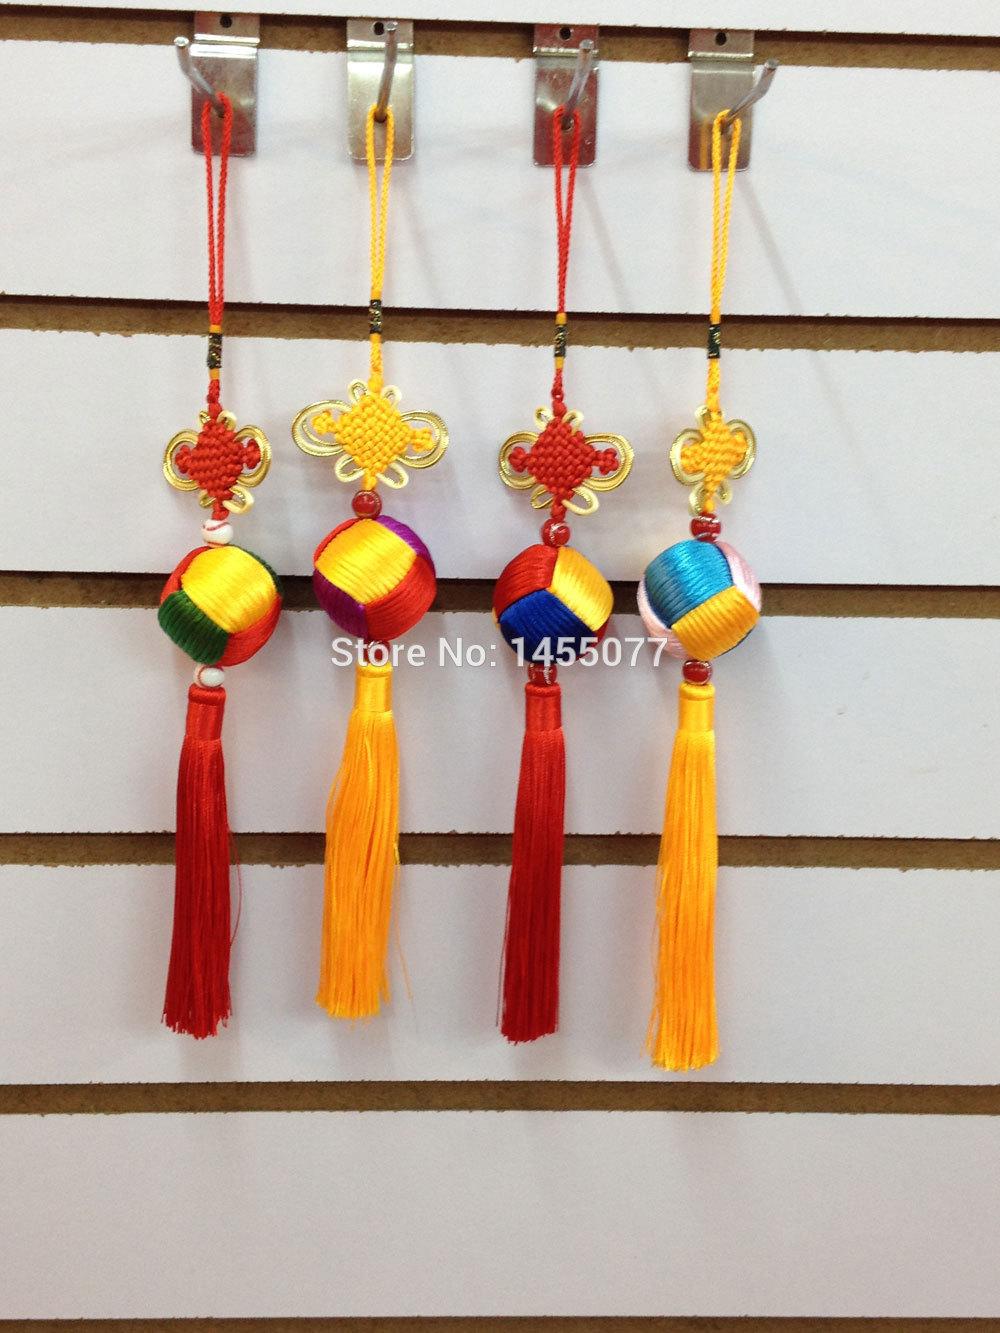 Oude weven koop goedkope oude weven loten van chinese oude weven leveranciers op - Oude huisdecoratie ...